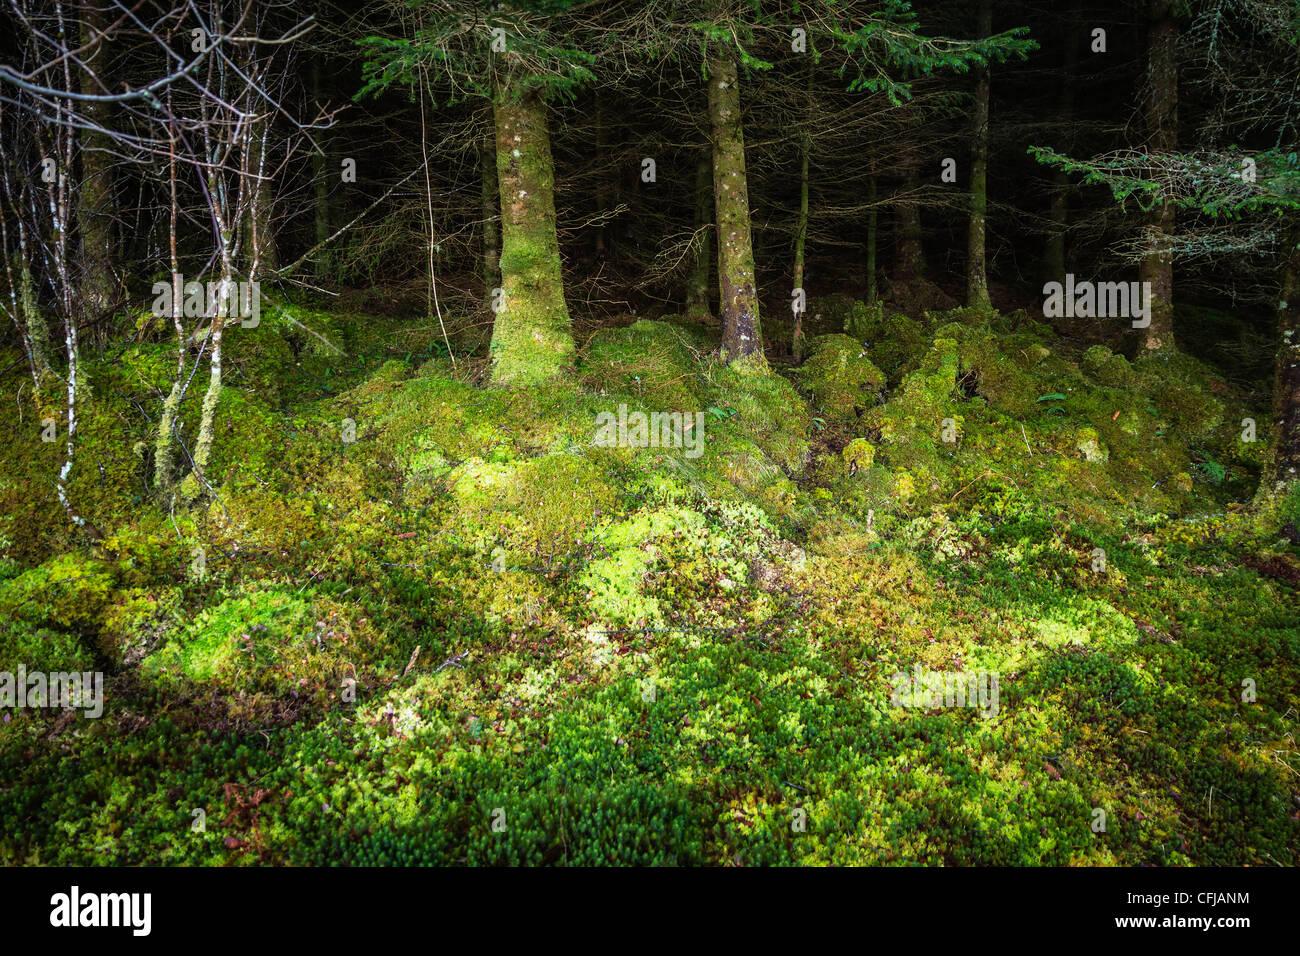 Sous-bois couverts de mousse luxuriante forêt de pins en Scottish Highlands Photo Stock